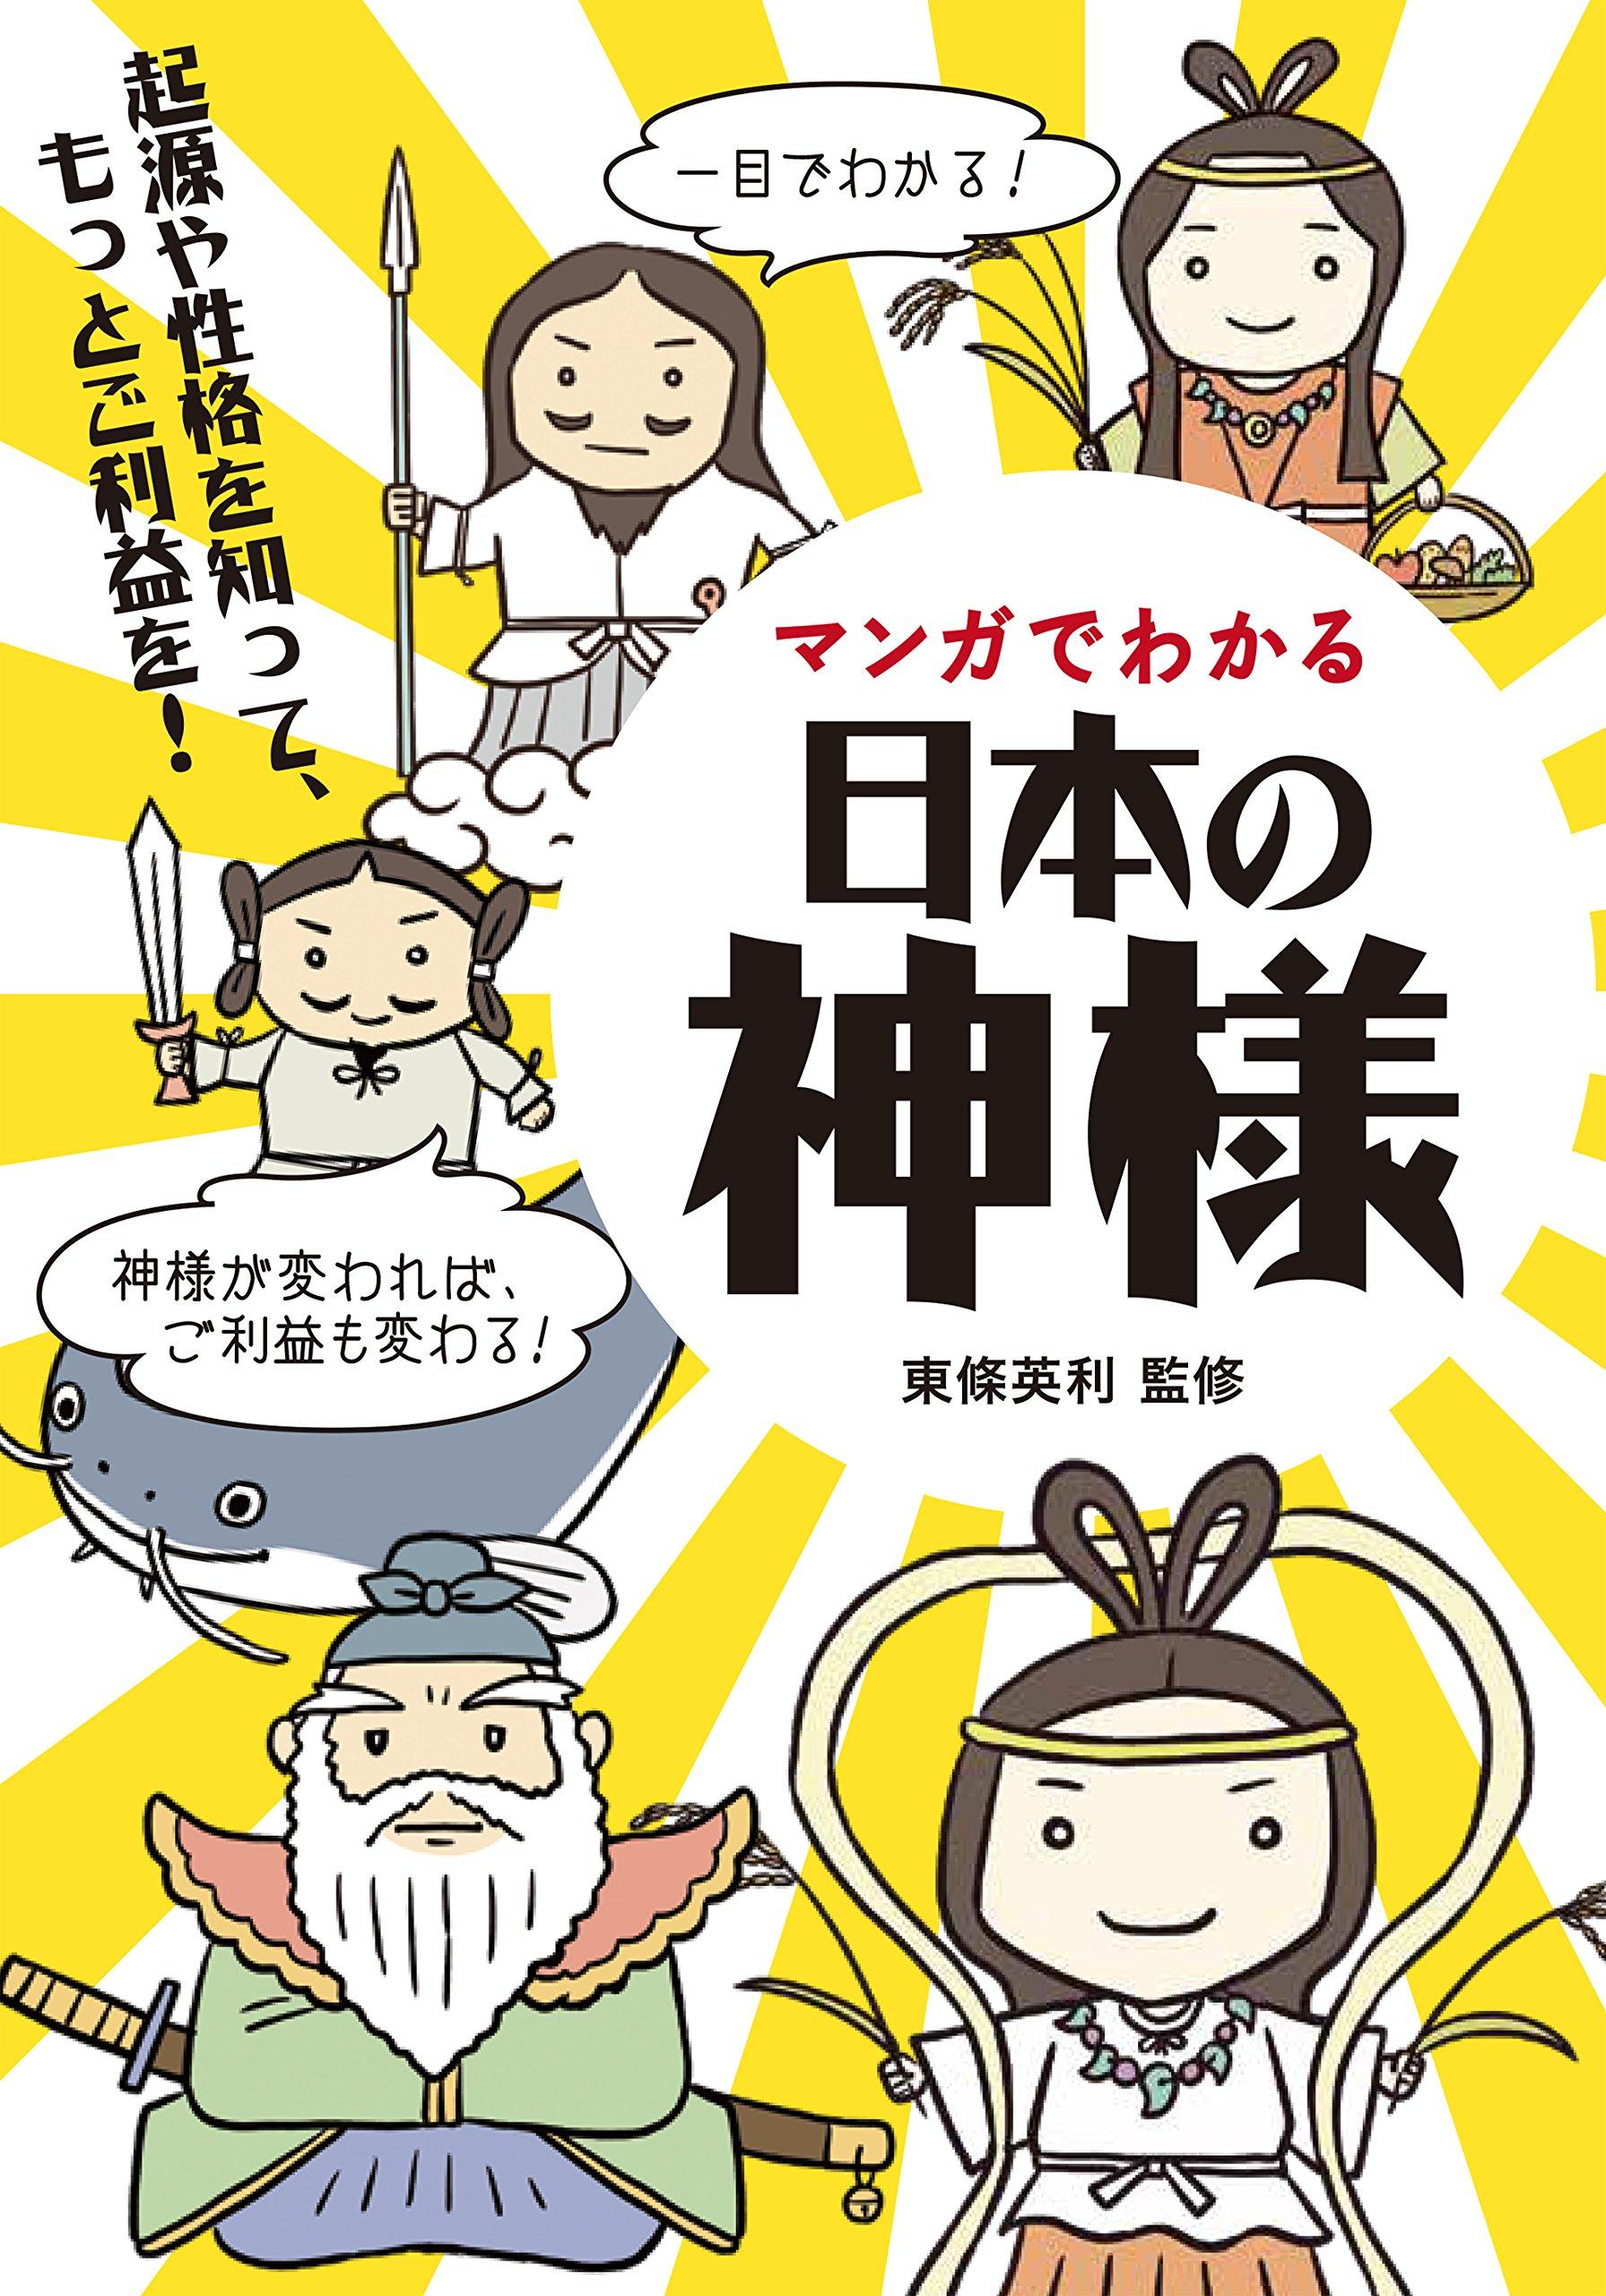 マンガでわかる日本の神様: 起源や個性を知って、もっとご利益を ...